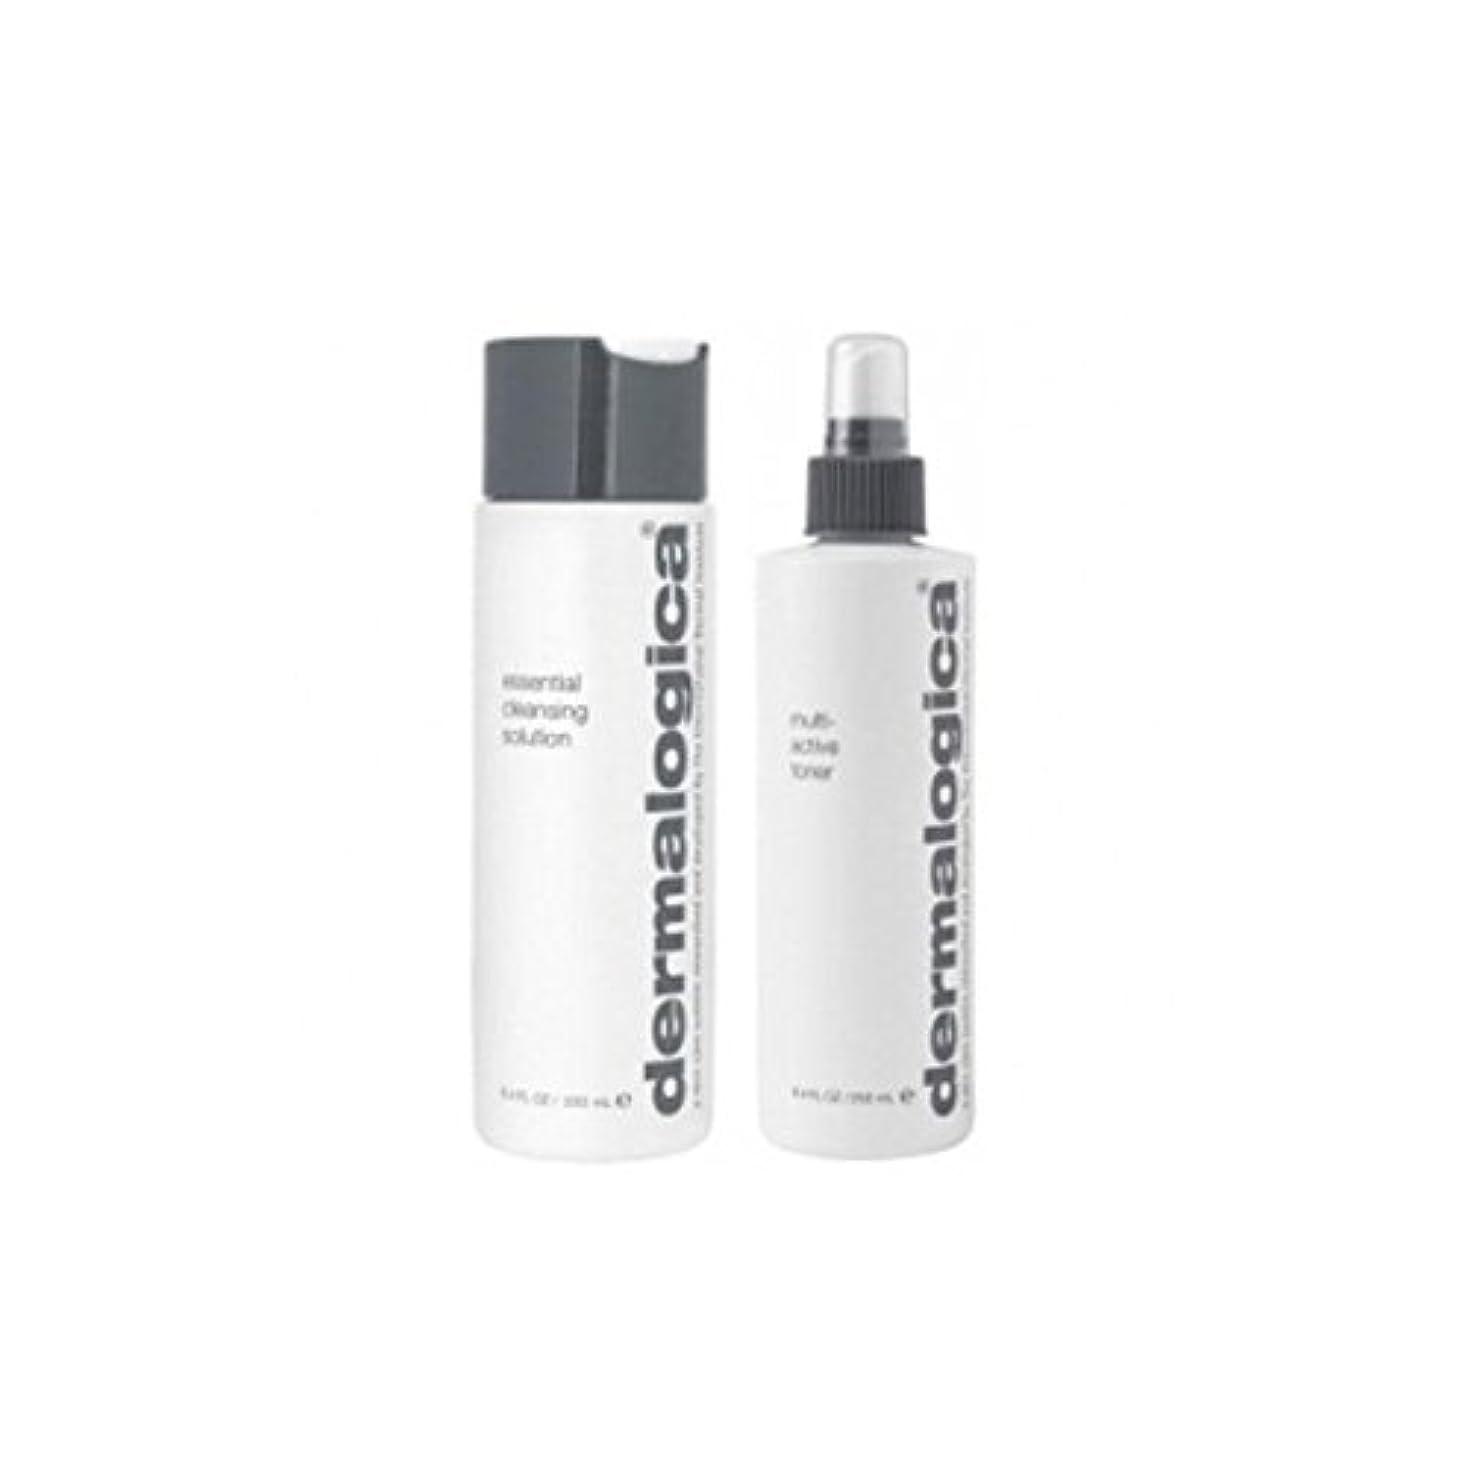 安いです生態学家Dermalogica Cleanse & Tone Duo - Dry Skin (Pack of 6) - ダーマロジカクレンジング&トーンデュオ - 乾燥肌 x6 [並行輸入品]